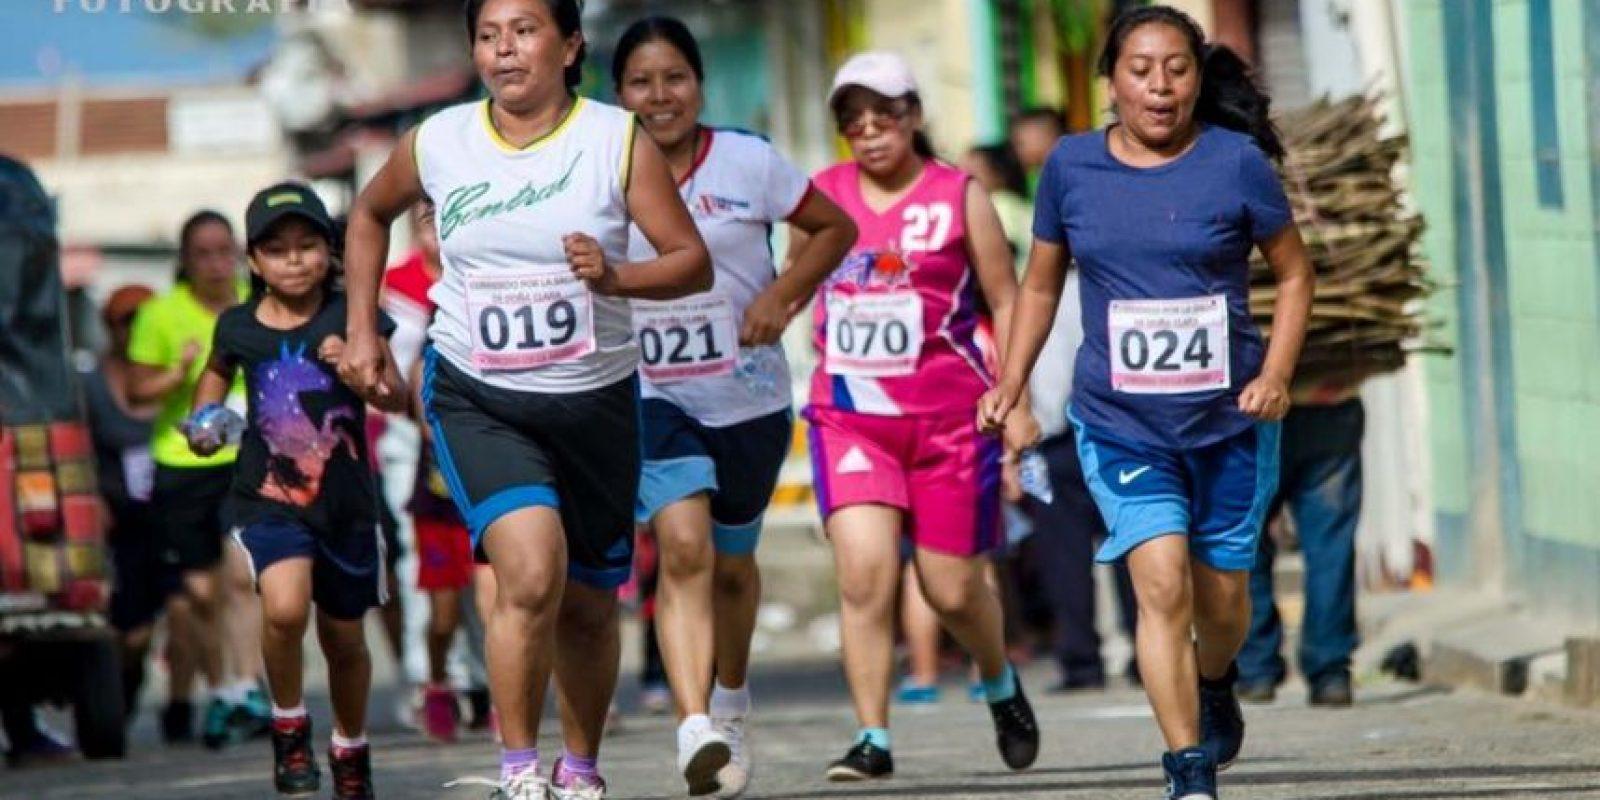 Foto:Facebook Conectando Atitlán / José Mendoza